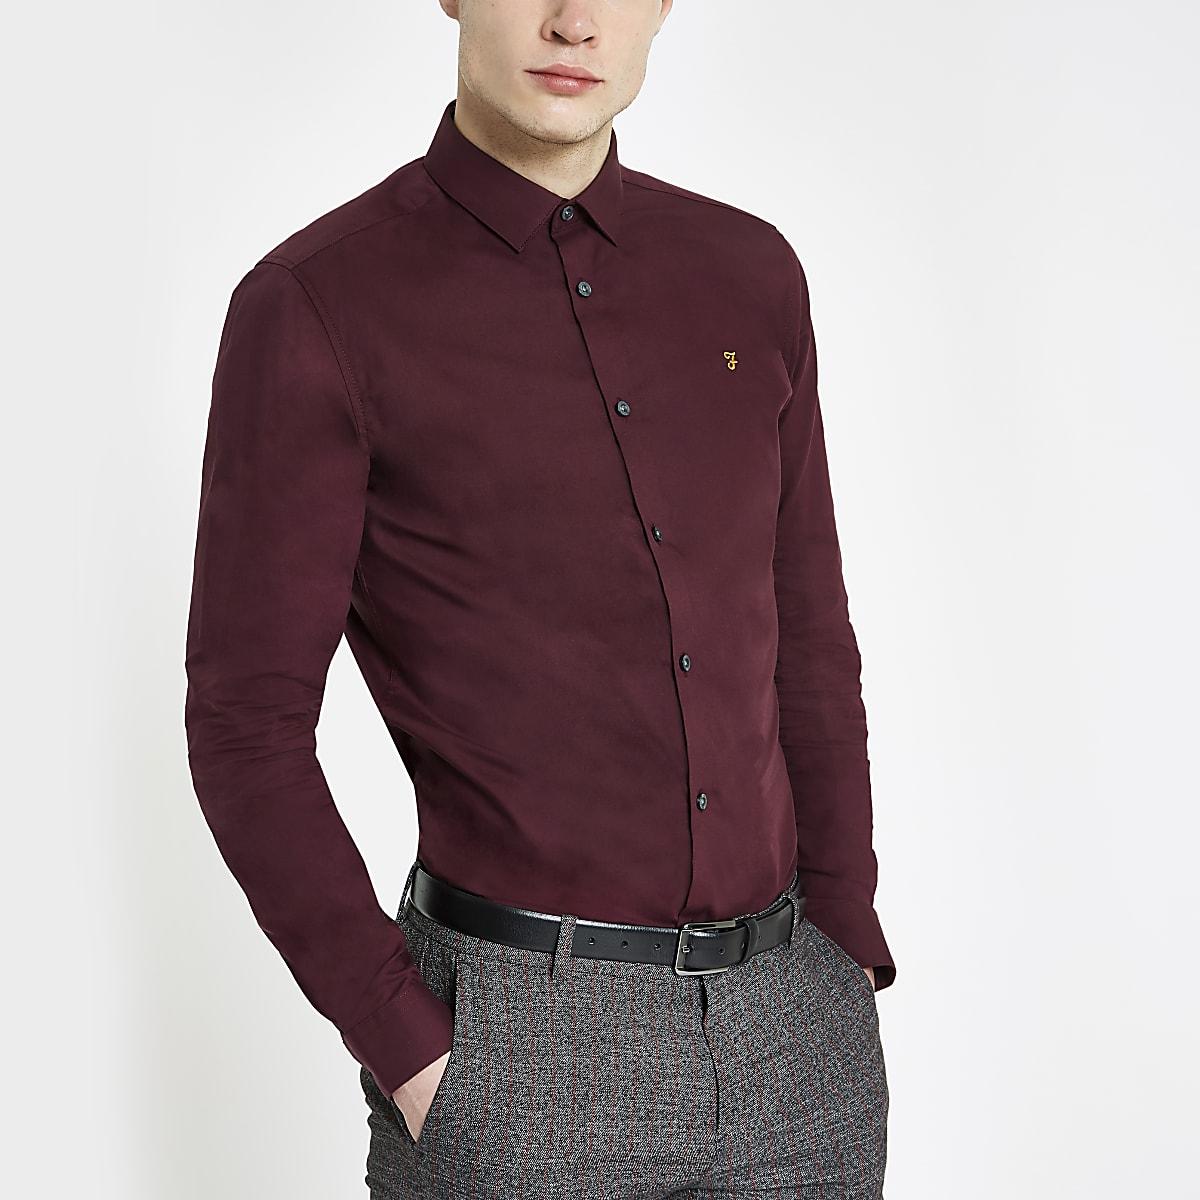 Farah burgundy long sleeve shirt